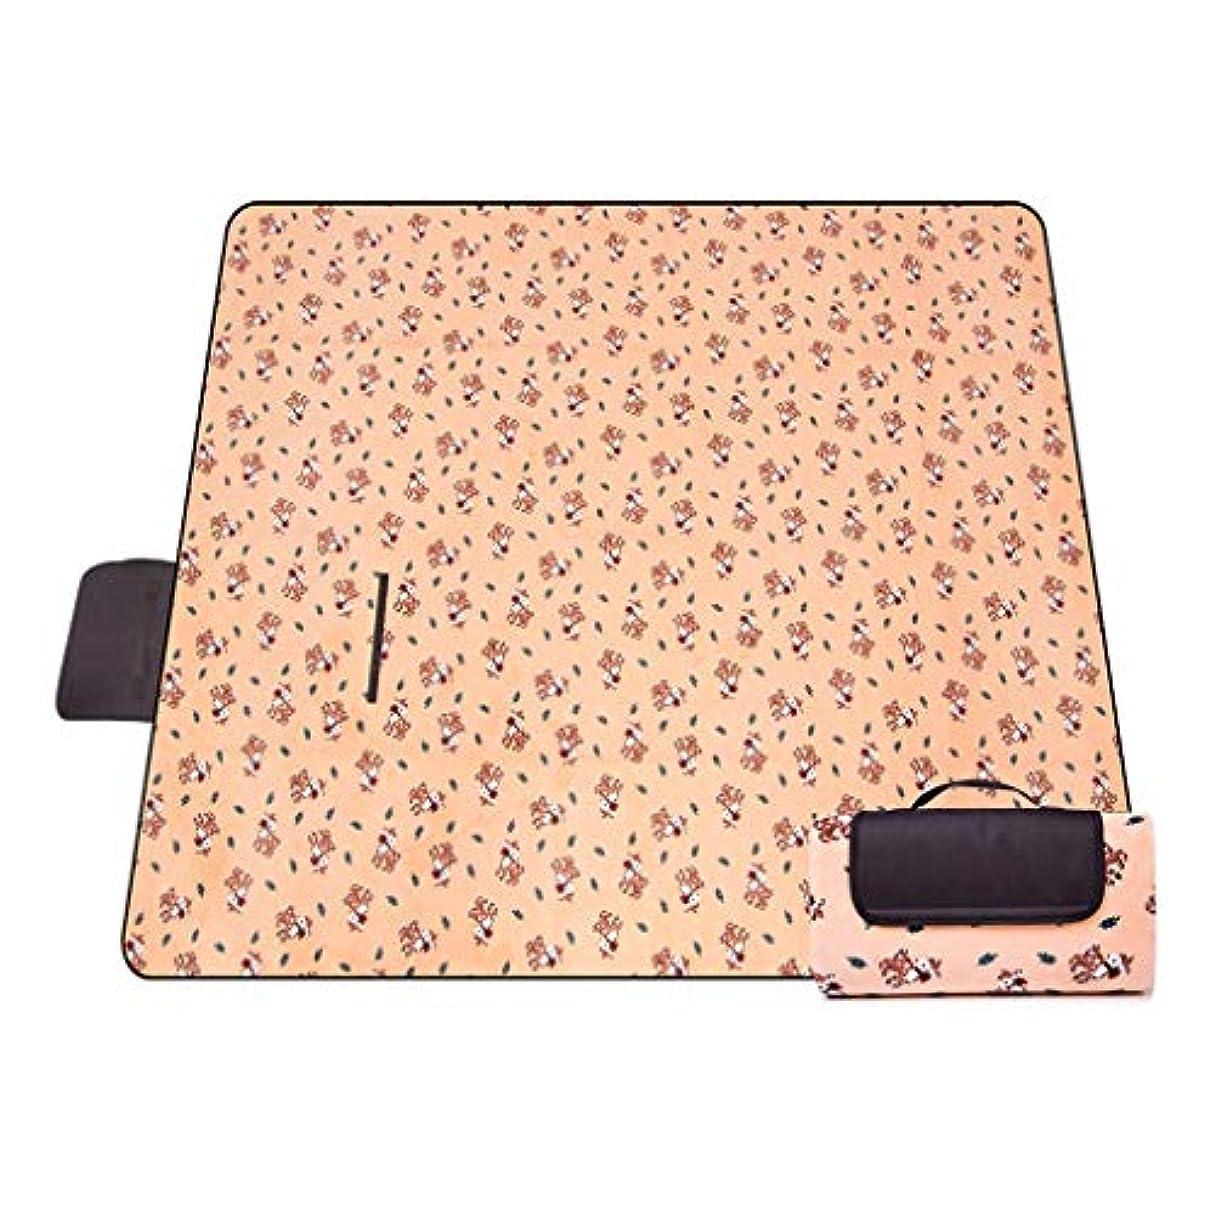 メンタリティ素朴な密度ビーチマット、ピクニック毛布、オーニングカーペット、ポータブル屋外用カーペットマット、キャンプ用サンドプルーフ屋外 (Color : B, Size : 150x200cm)